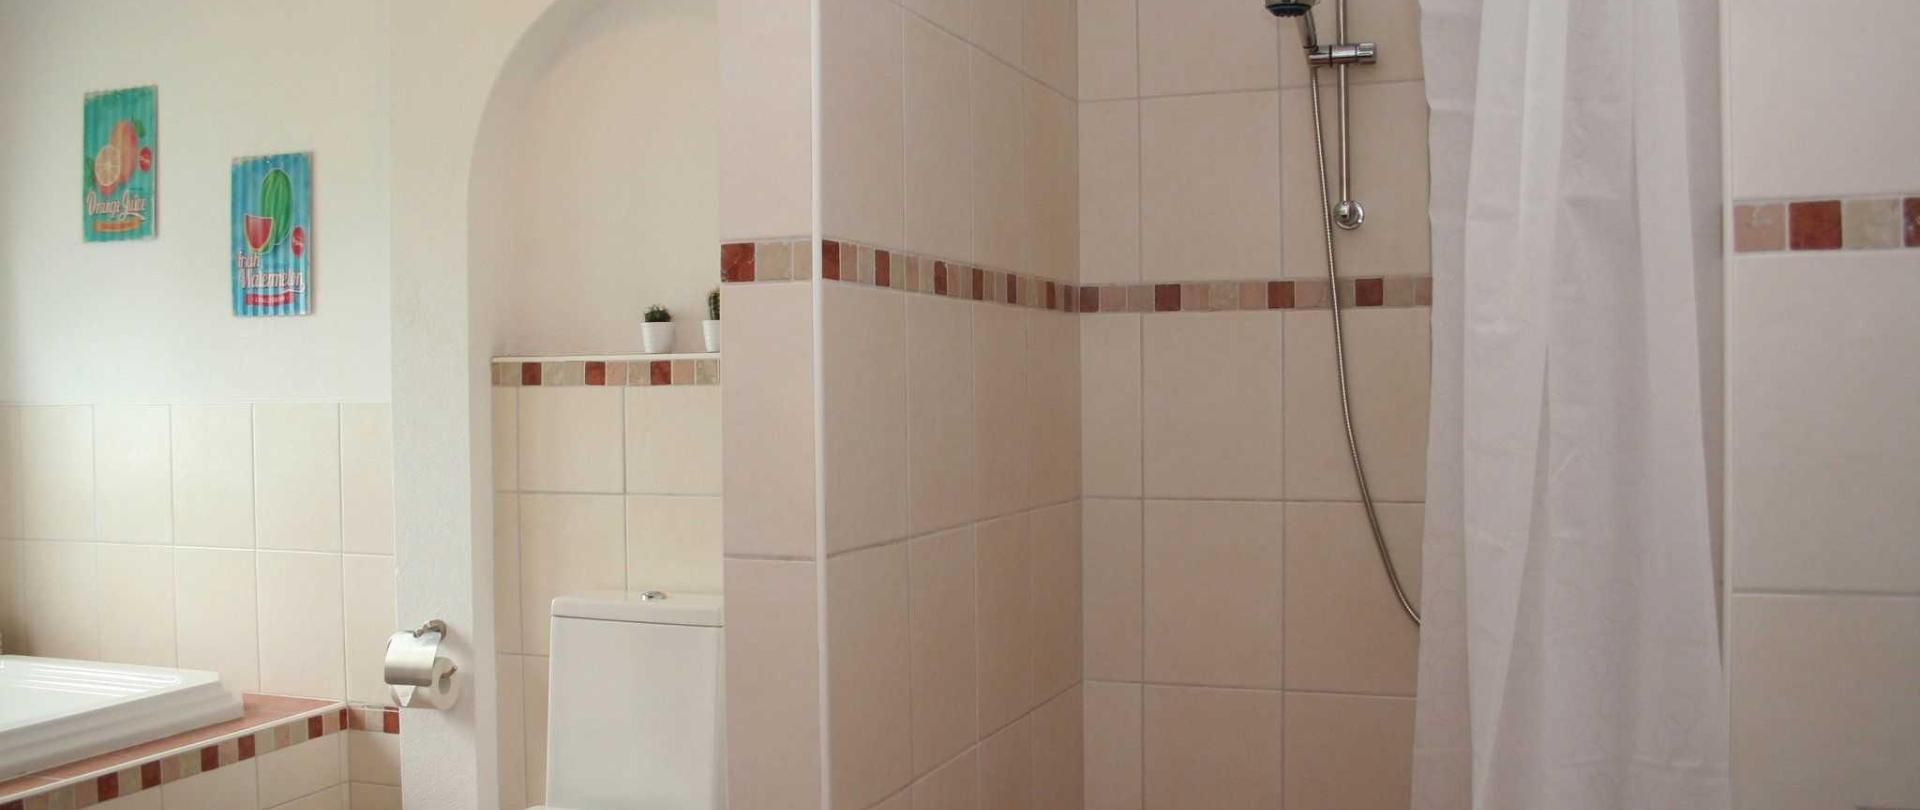 badkamer-3D.jpg